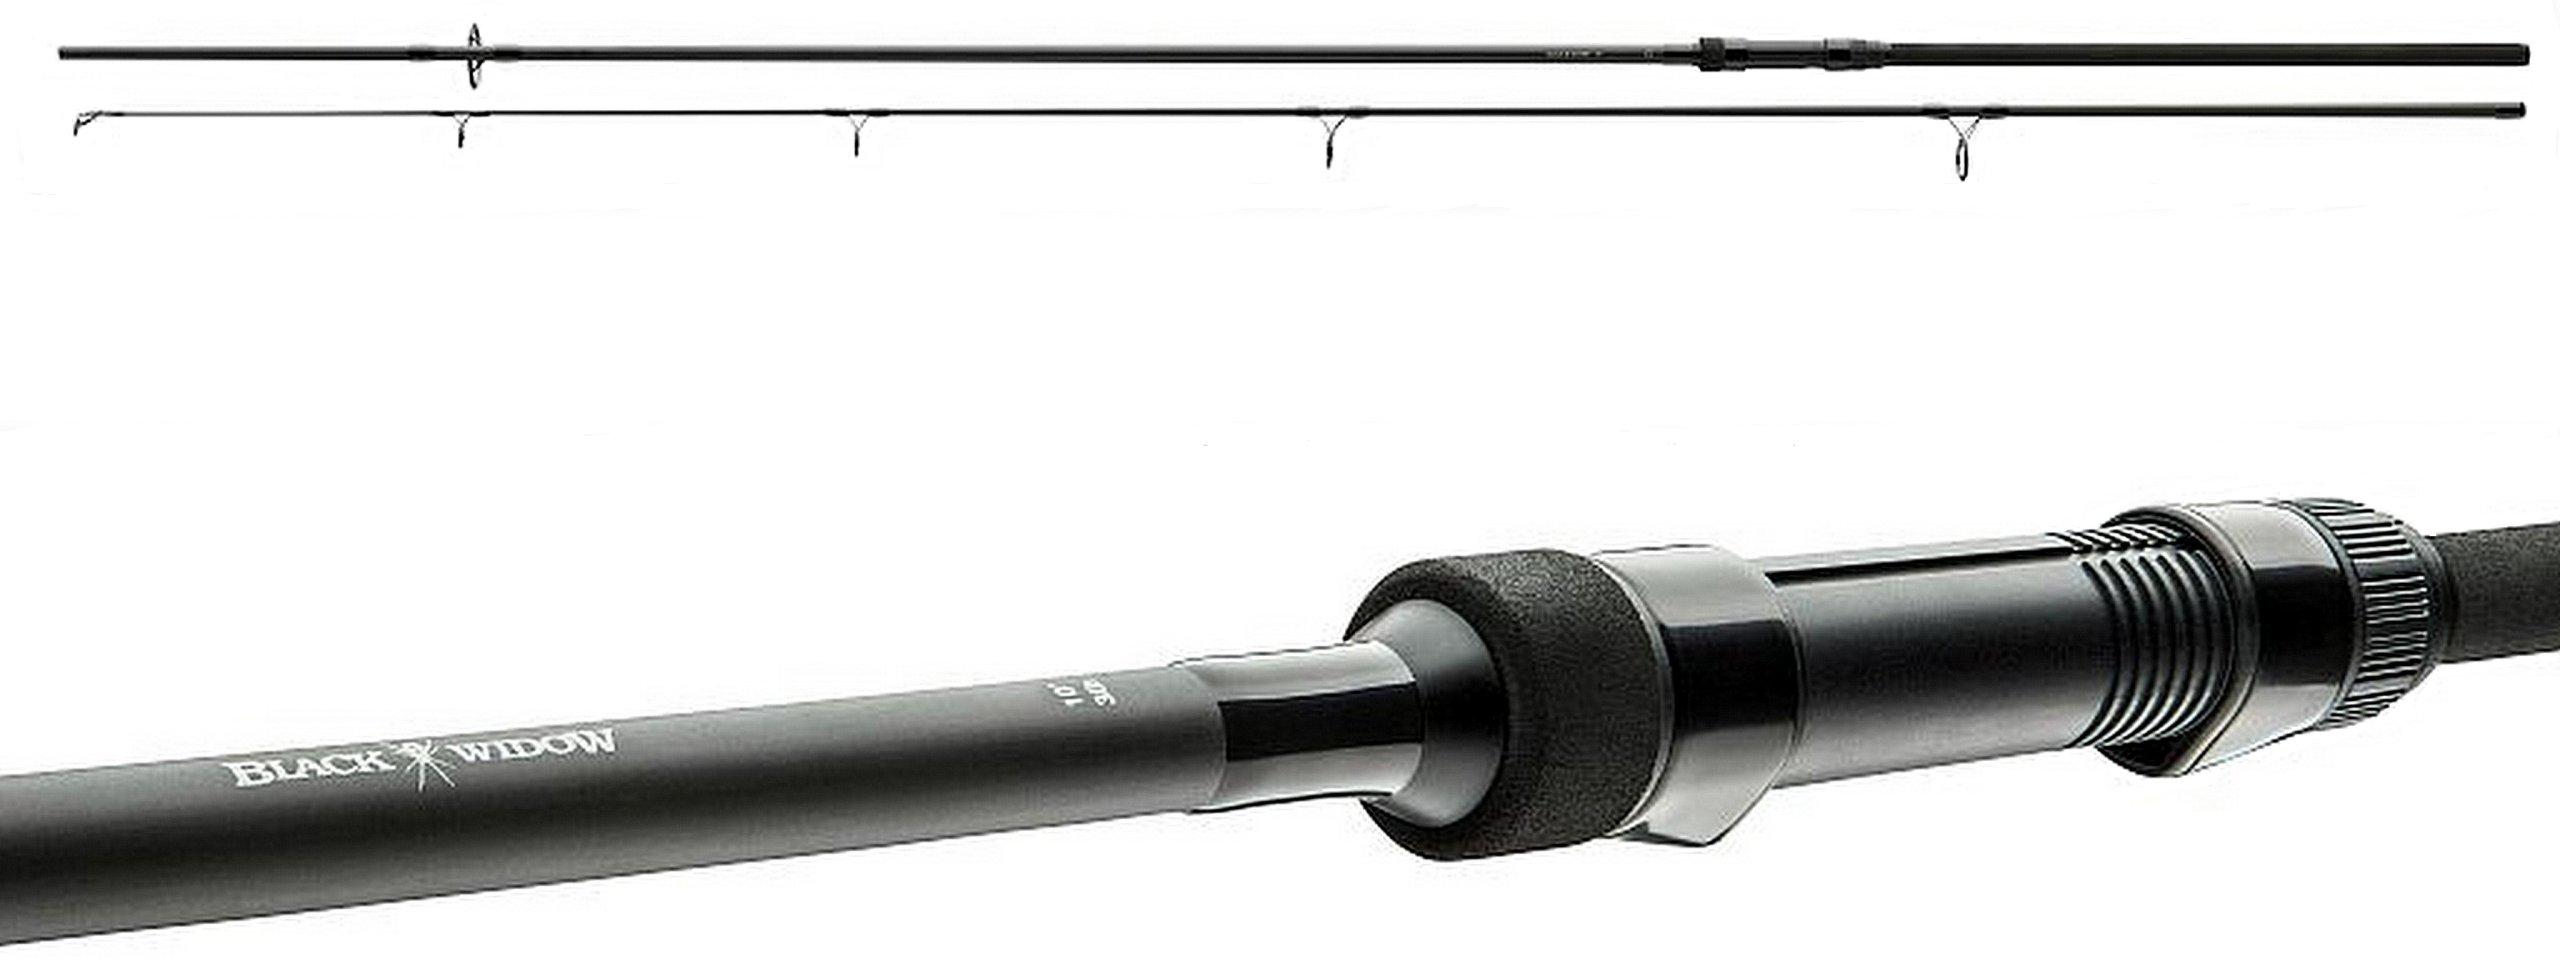 Rybolov-PRÚT DAIWA ČIERNA VDOVA KAPOR 3,60 m 3,5 lbs-2SEC